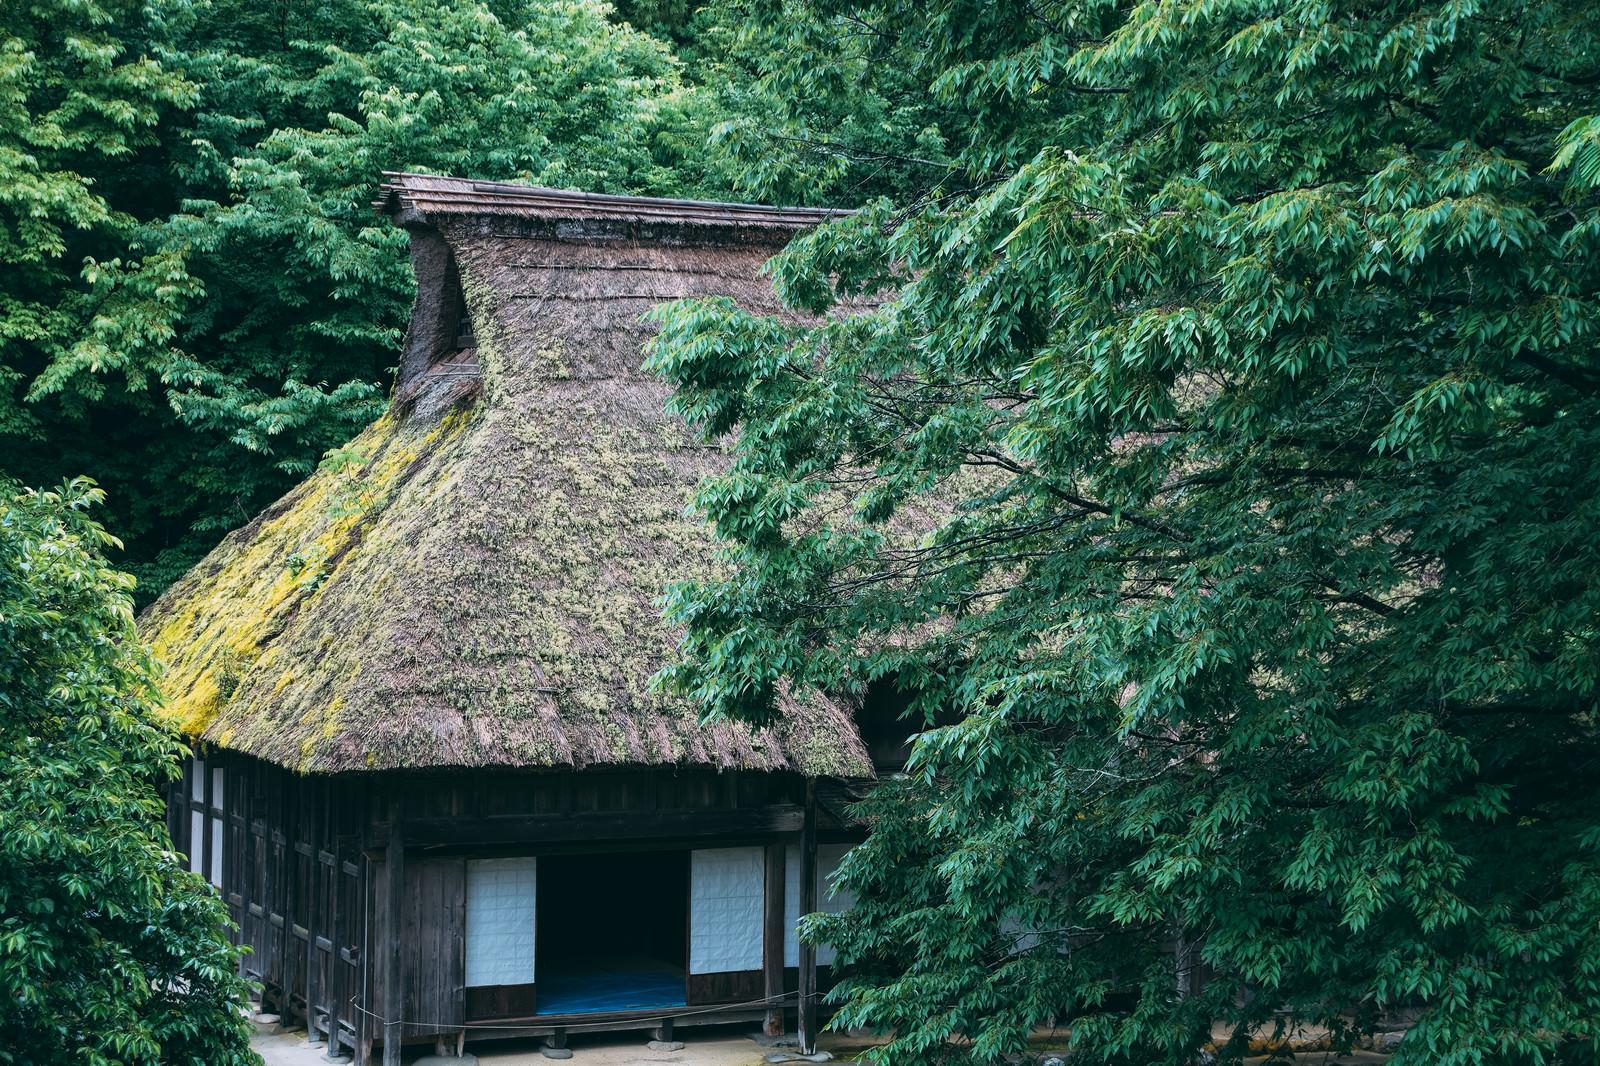 「公園の森の中にある茅葺屋根の家」の写真